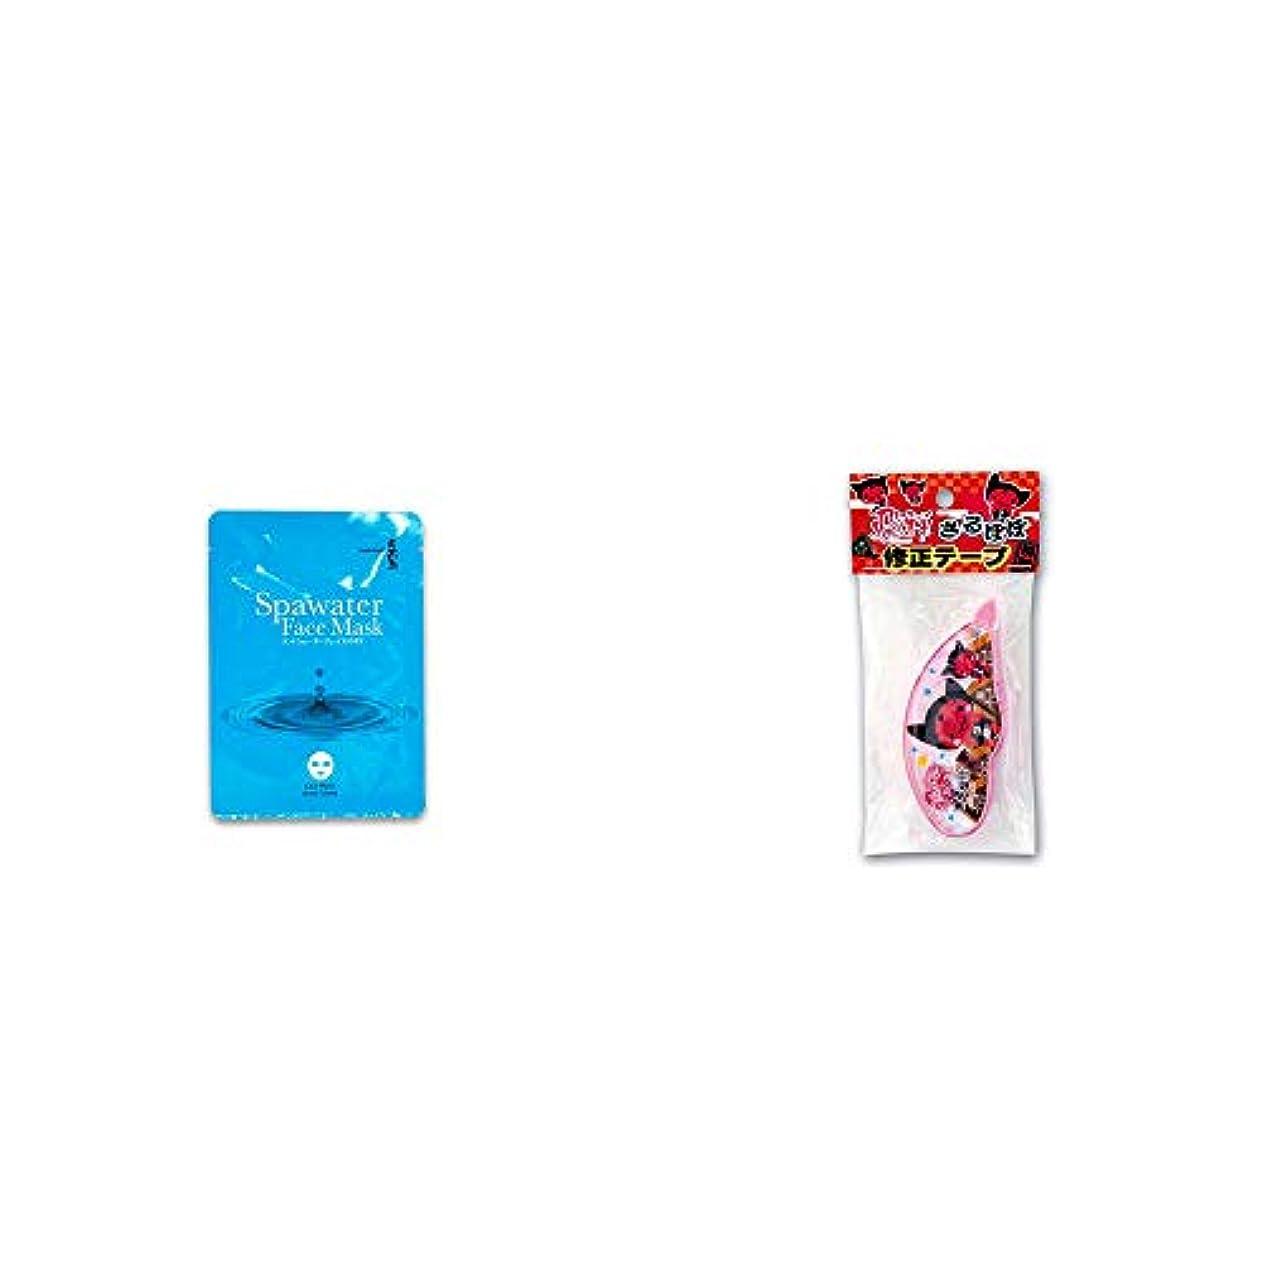 パス補体掃除[2点セット] ひのき炭黒泉 スパウォーターフェイスマスク(18ml×3枚入)・さるぼぼ 修正テープ【ブルー】